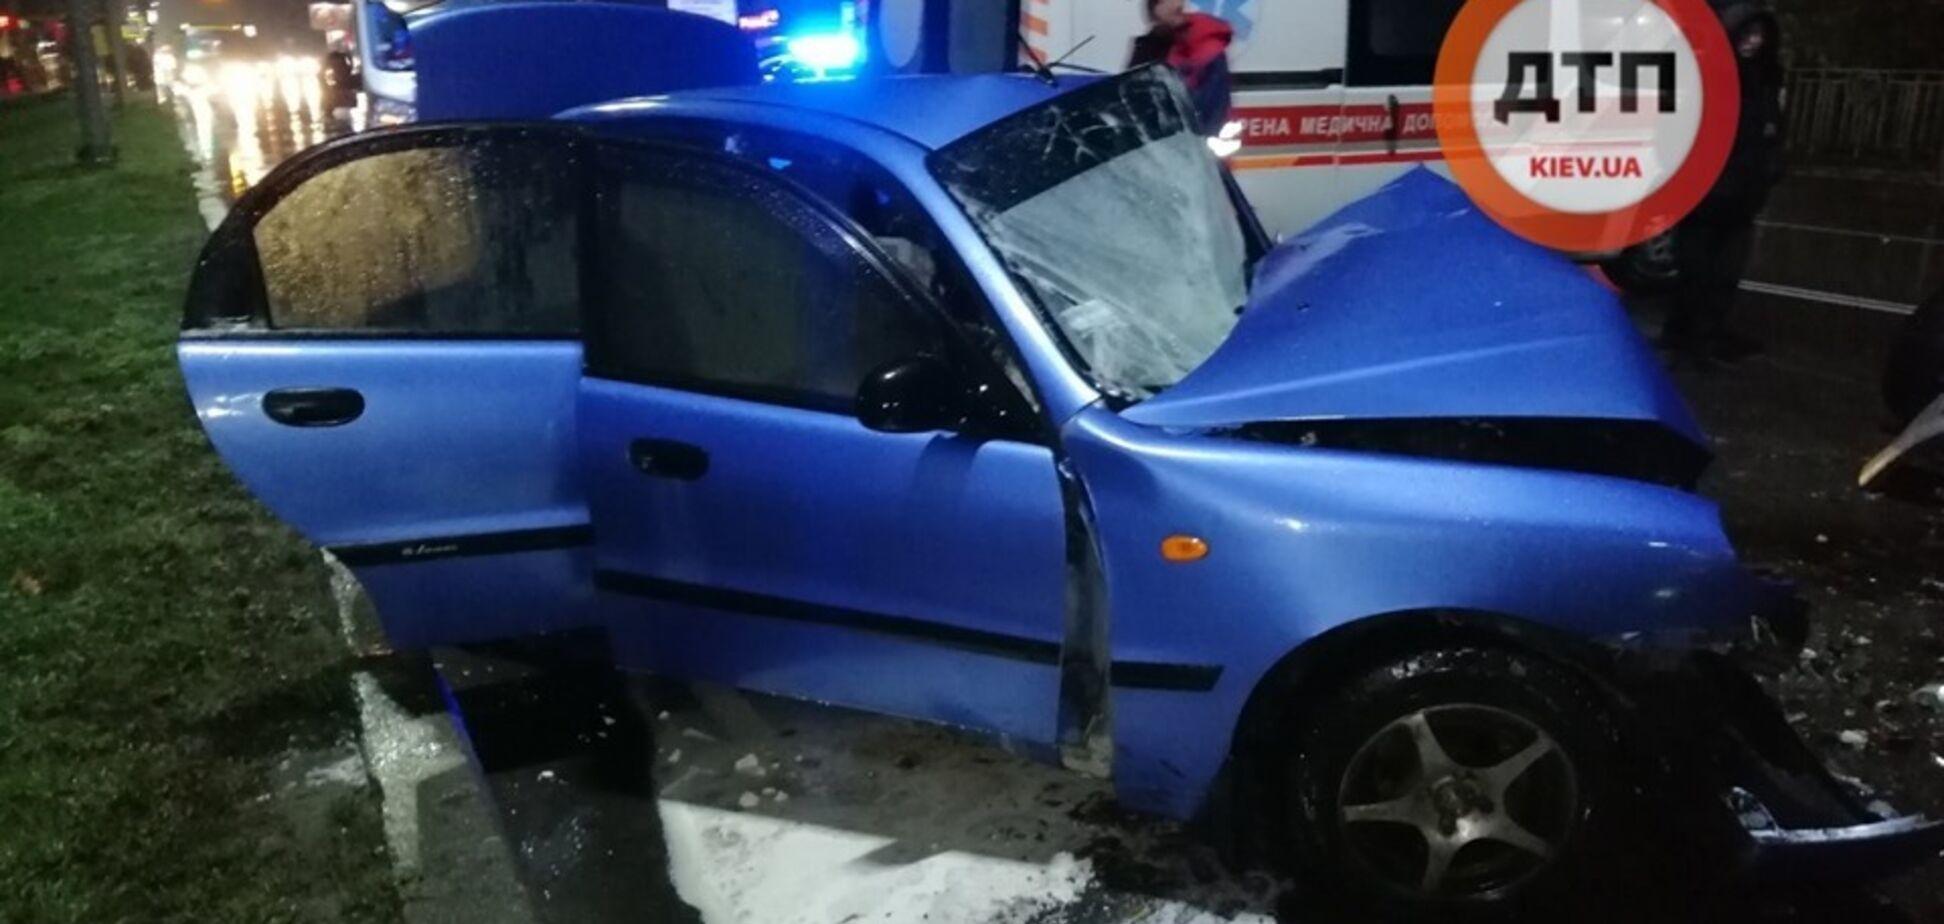 Под Киевом авто с российской регистрацией устроило смертельное ДТП